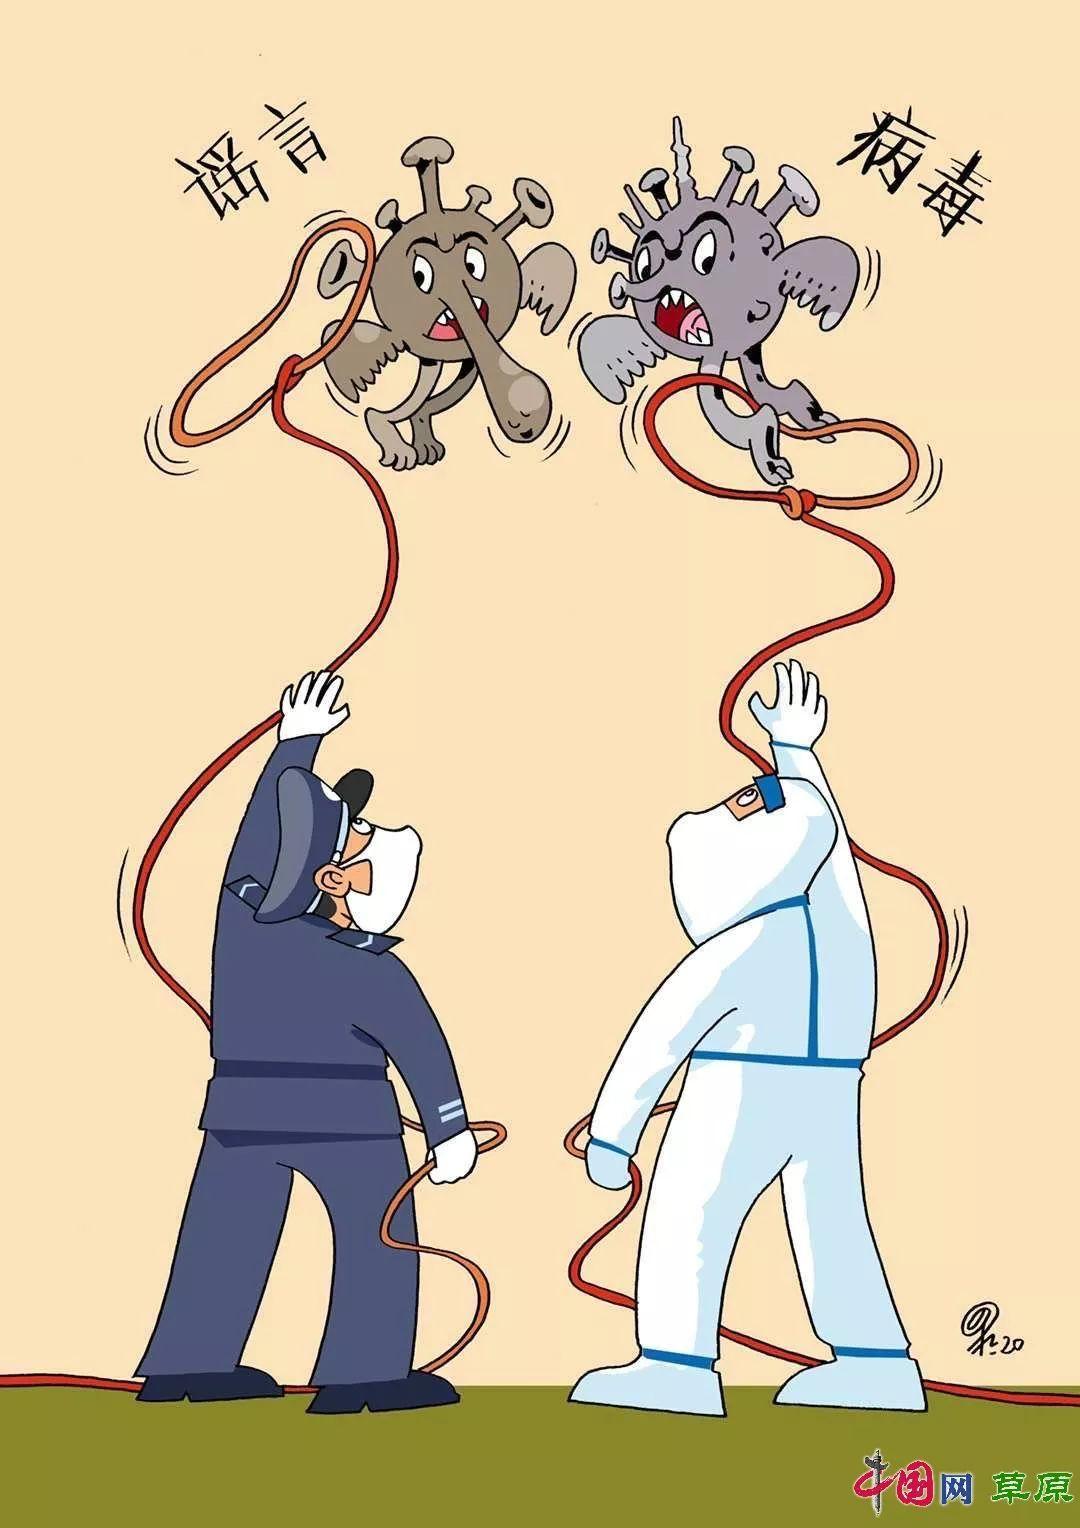 """蒙古族漫画家巴·毕力格用画作战""""疫"""" 呼吁大家配合隔离拒绝野味爱护自然 第3张"""